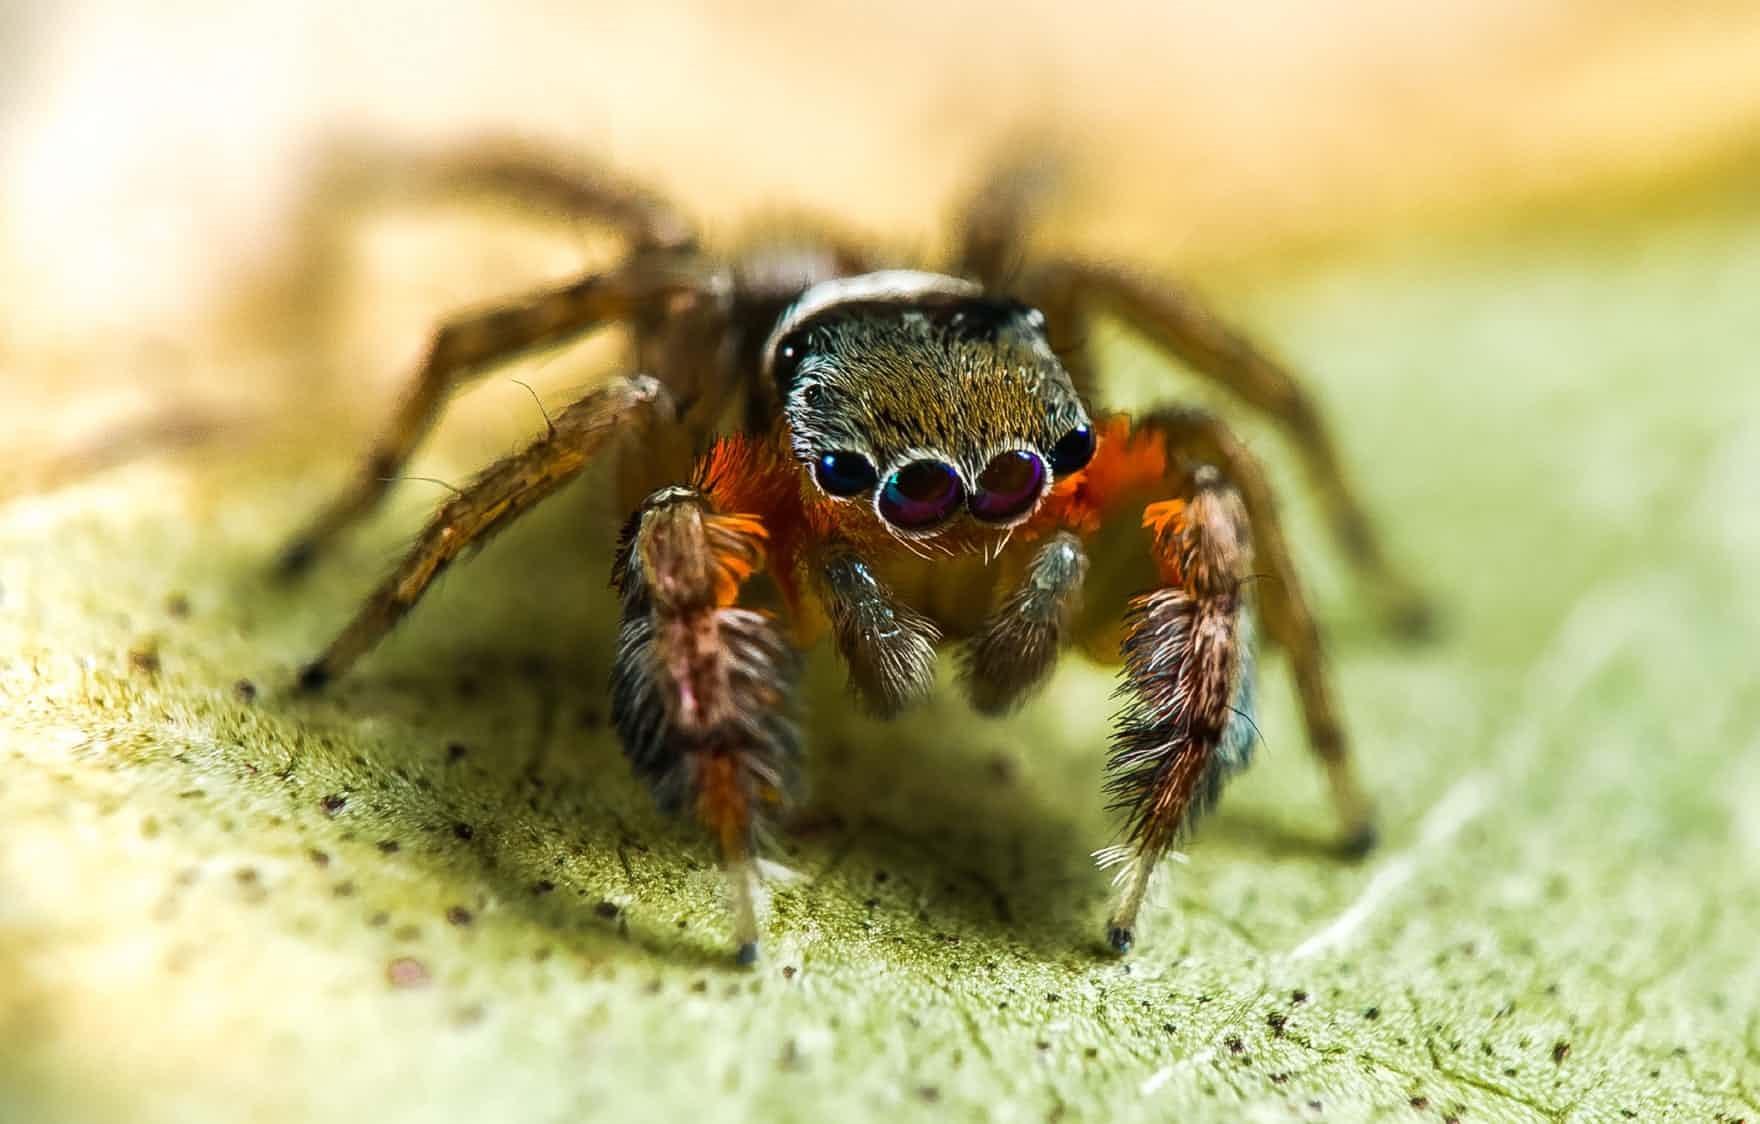 از آشنایی با شما خوشوقتم!/ مجموعه تصویری گاردین از گونههای جانوری شناسایی شده در سال ۲۰۱۷